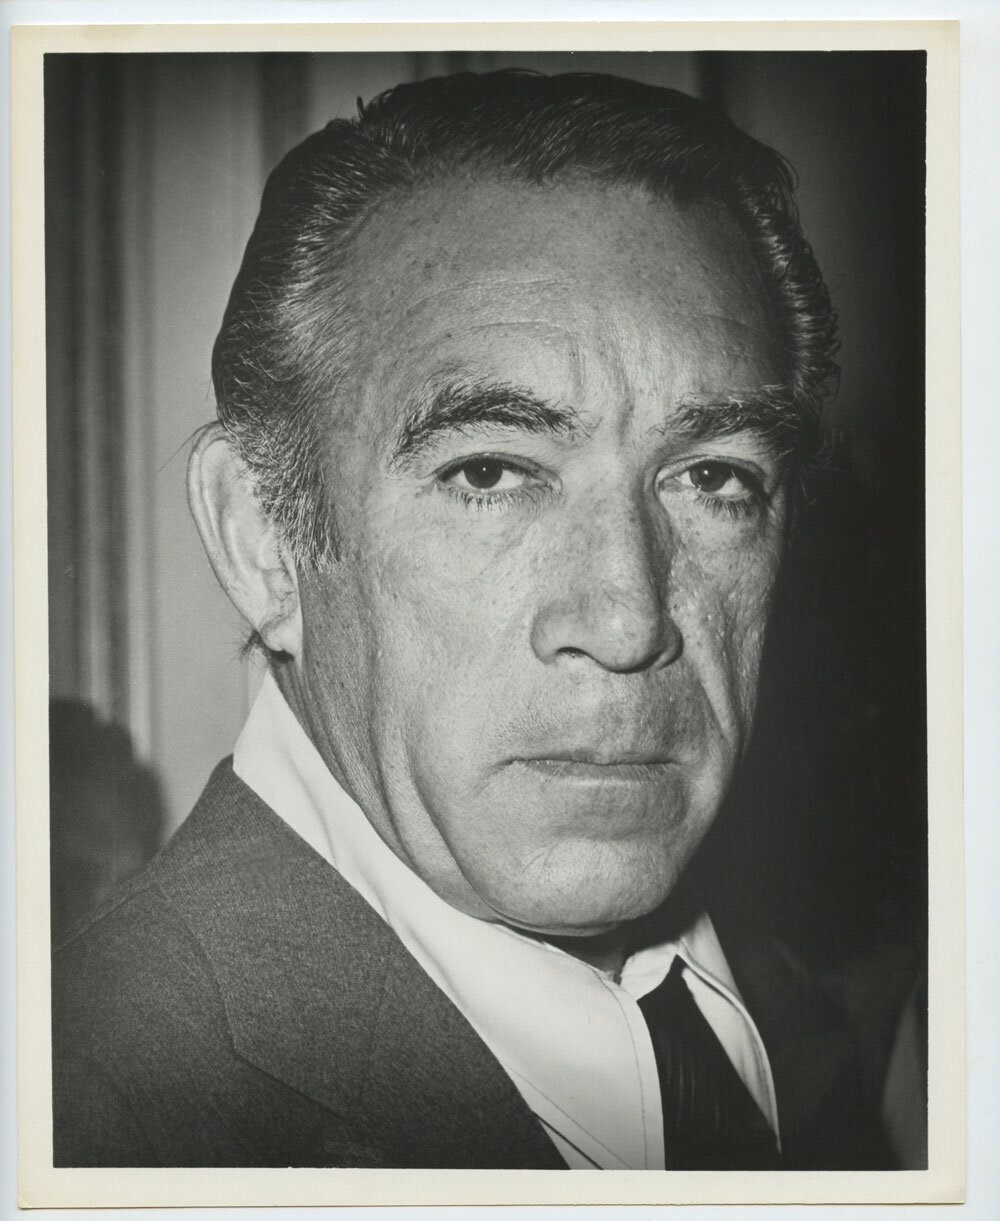 Anthony Quinn Photo 1950s Publicity Portrait